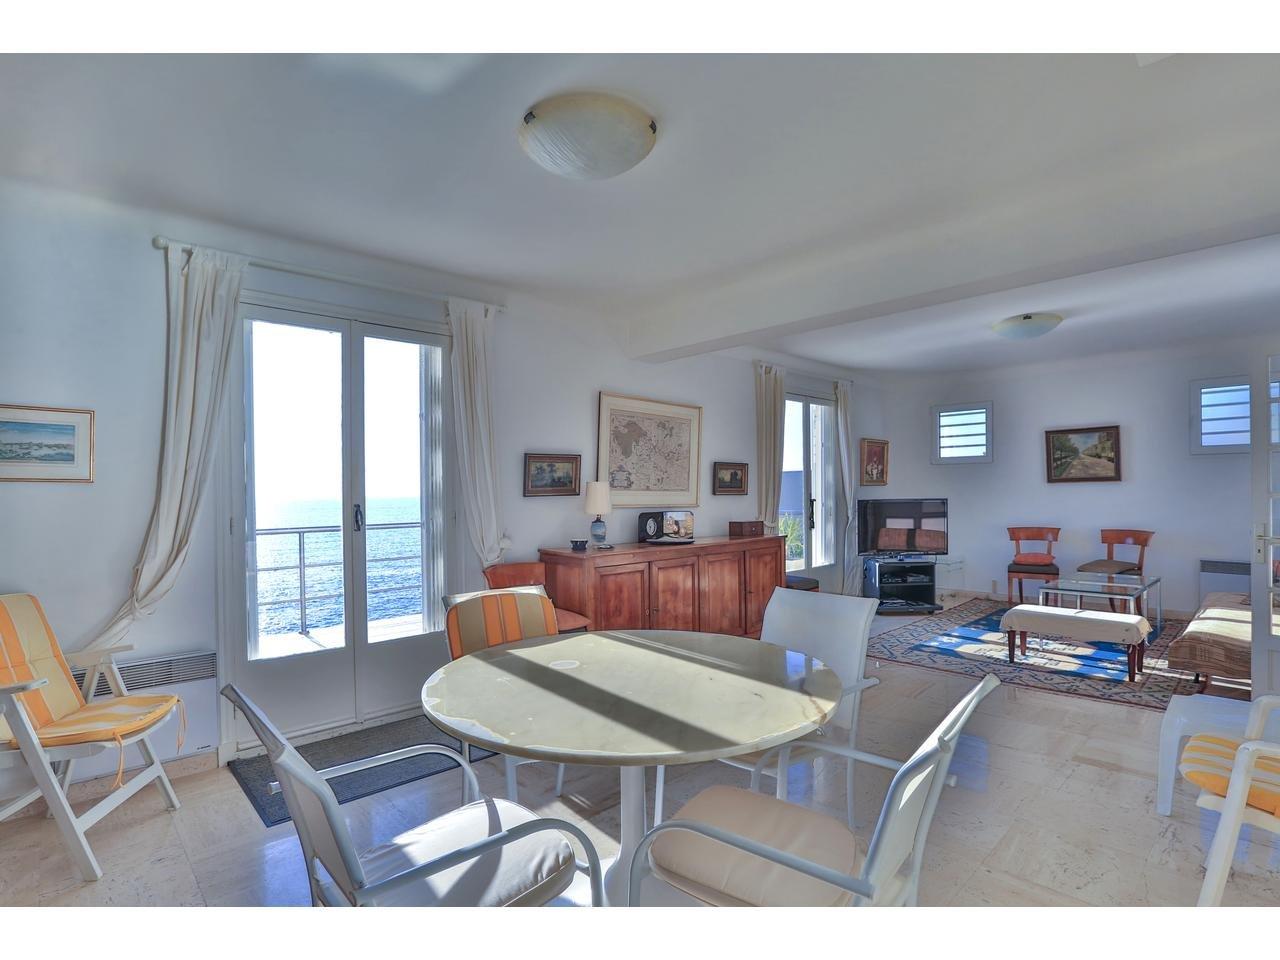 Maison  5 Rooms 160m2  for sale  4500000 €